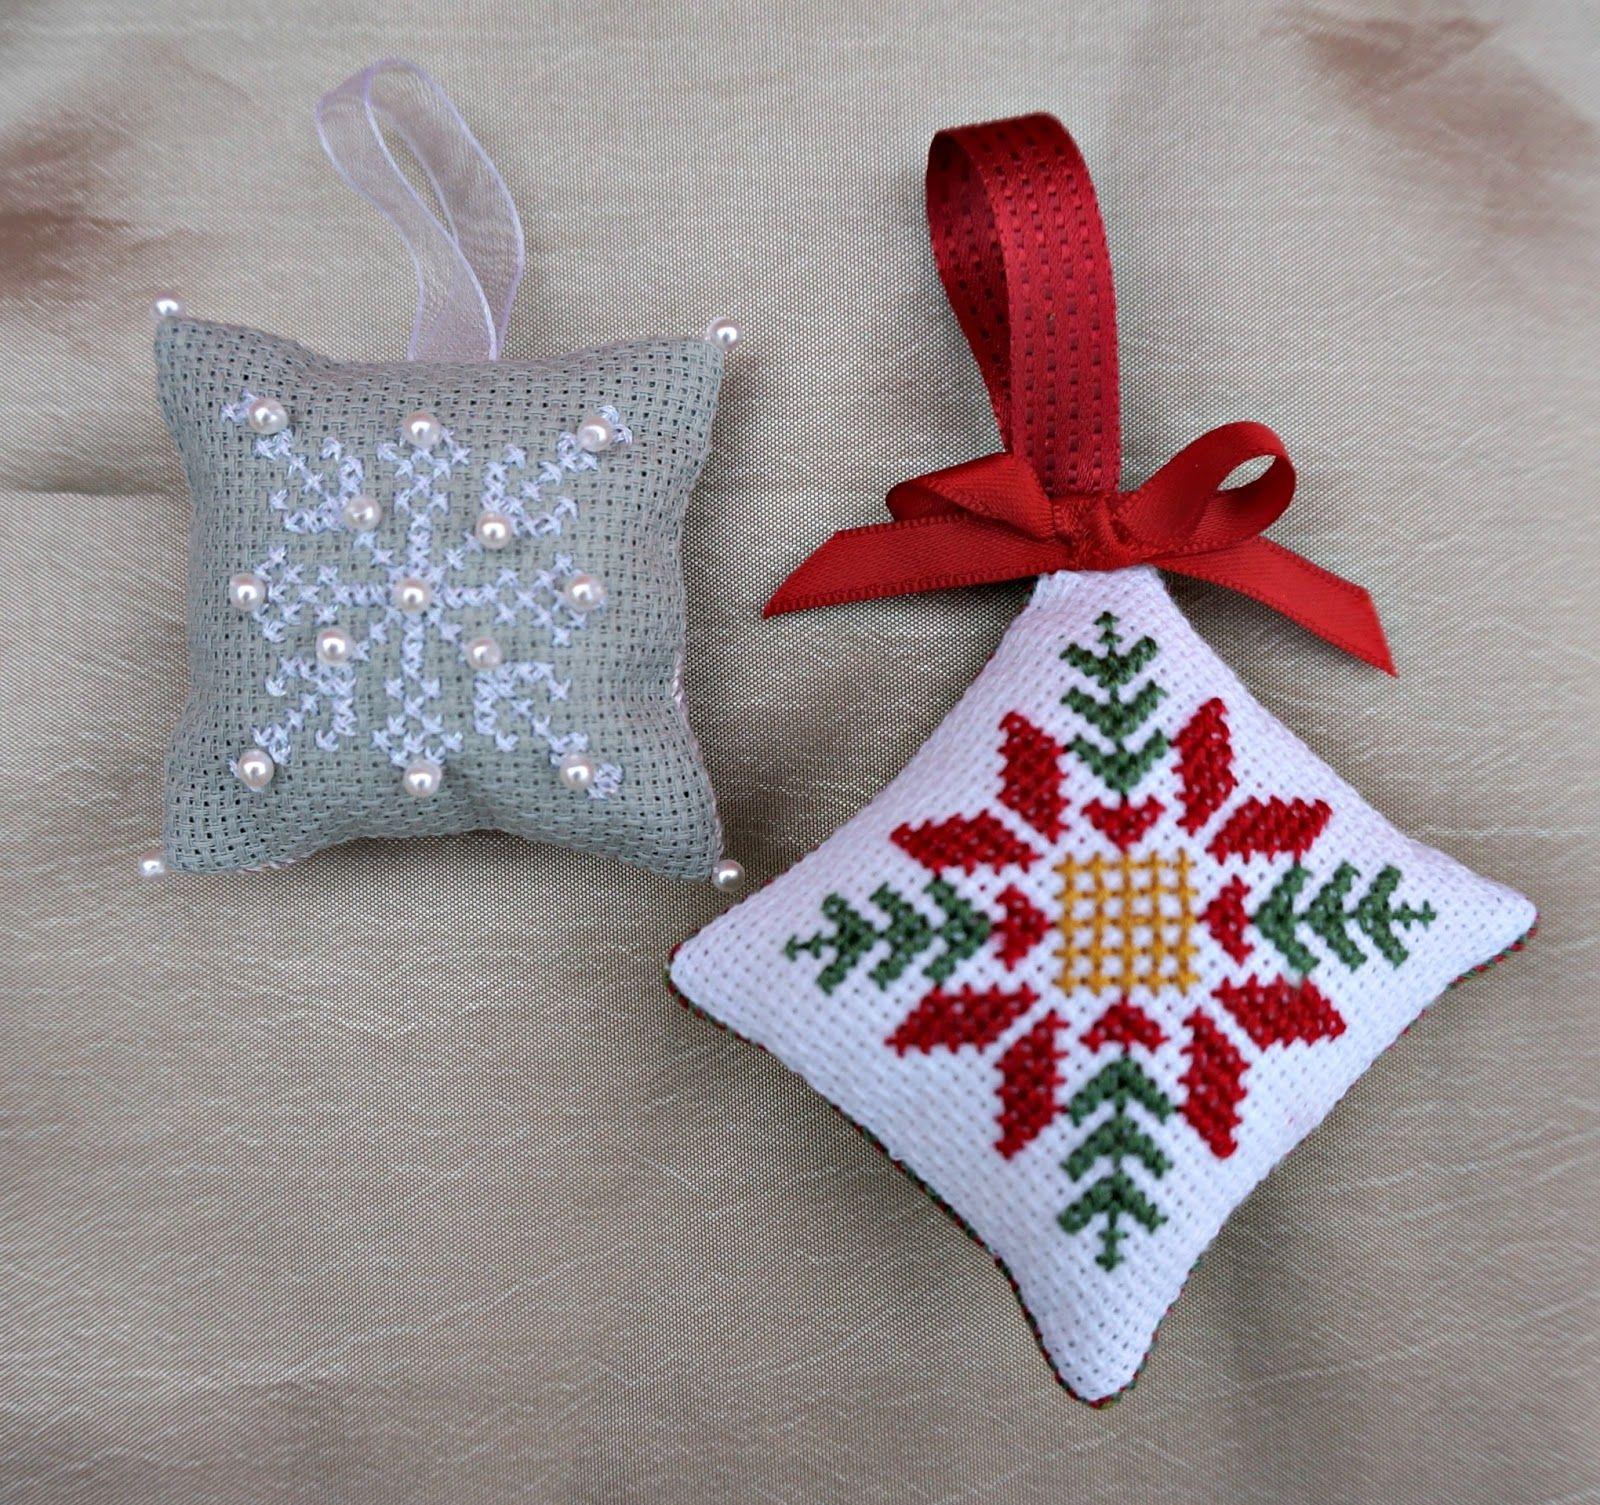 Adornos navidenos de punto de cruz